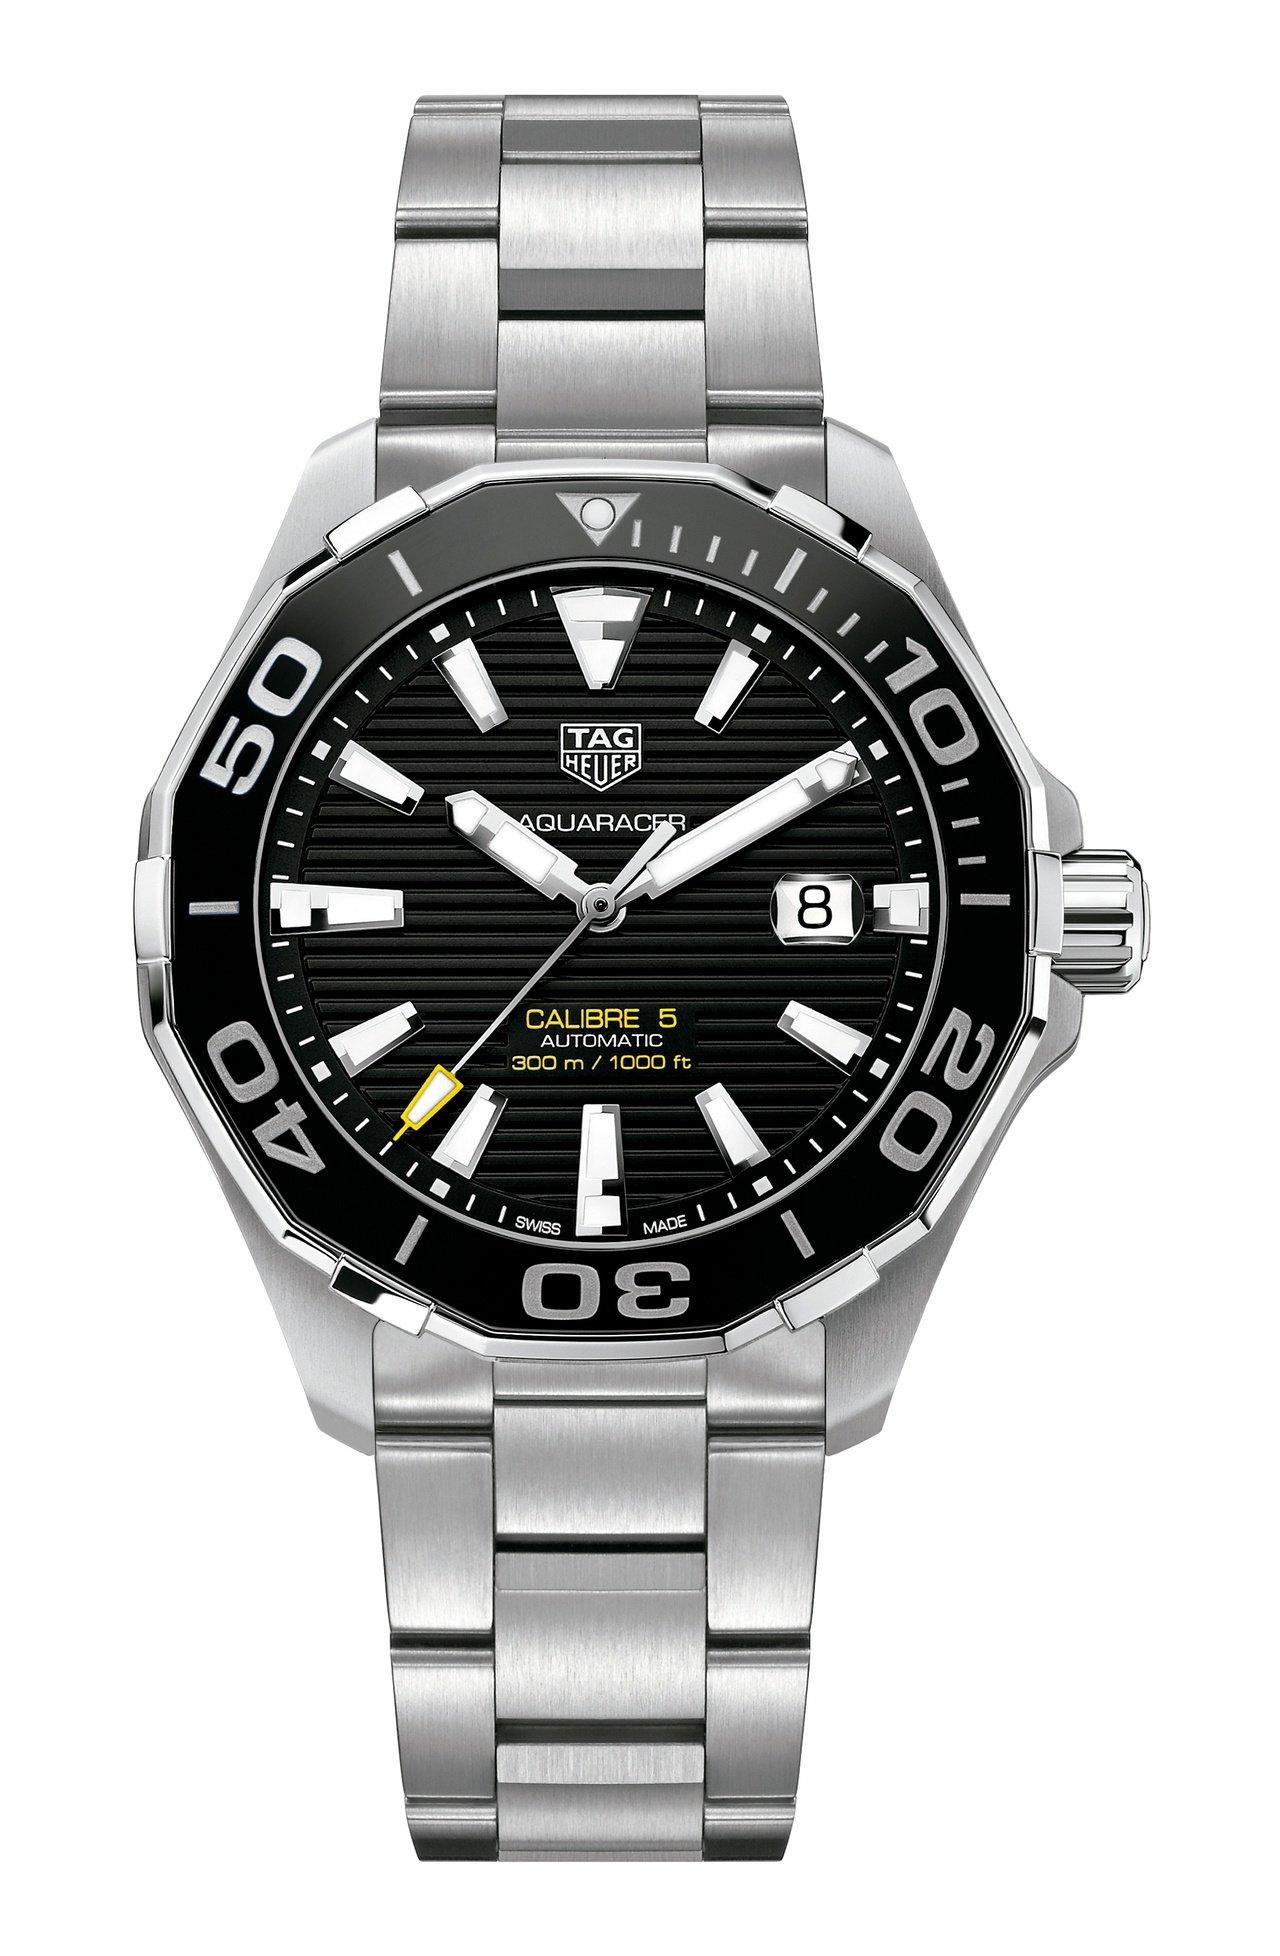 泰格豪雅Aquaracer Calibre 5自動腕表,不鏽鋼表殼、表鍊,約87...